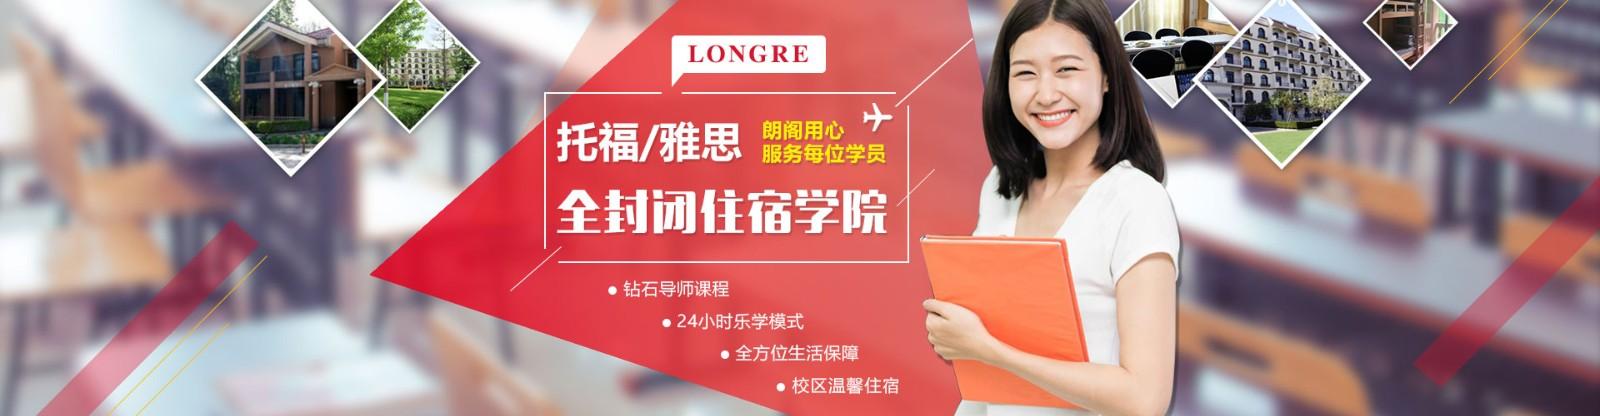 上海朗阁雅思万博网页版登录学校 横幅广告